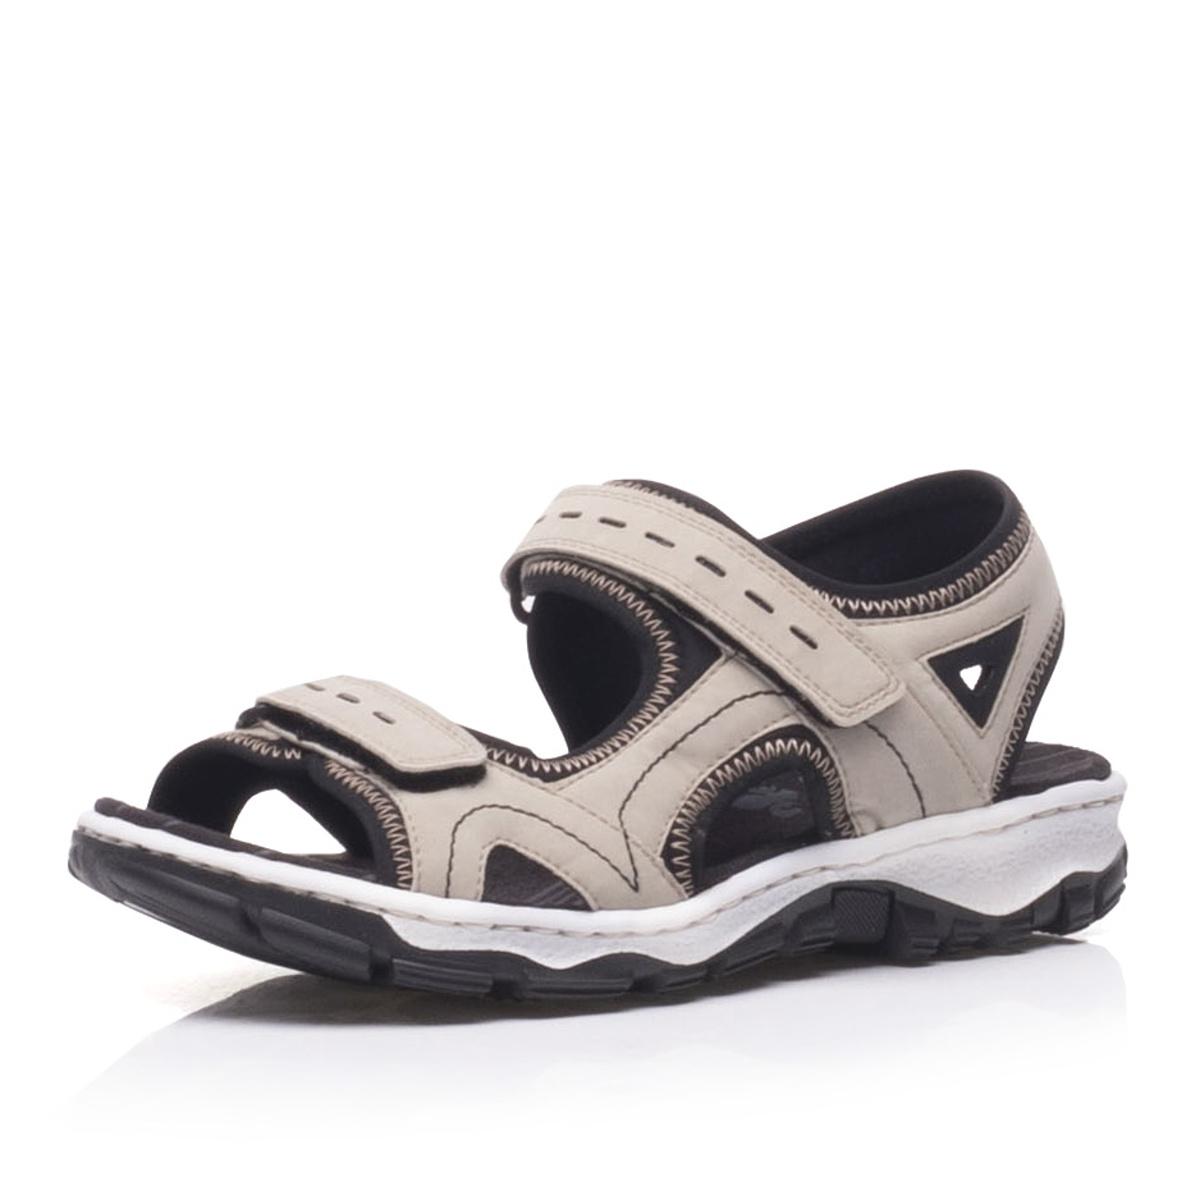 Dámská obuv RIEKER68866-61 BEIGE F S 9  ded51fab641